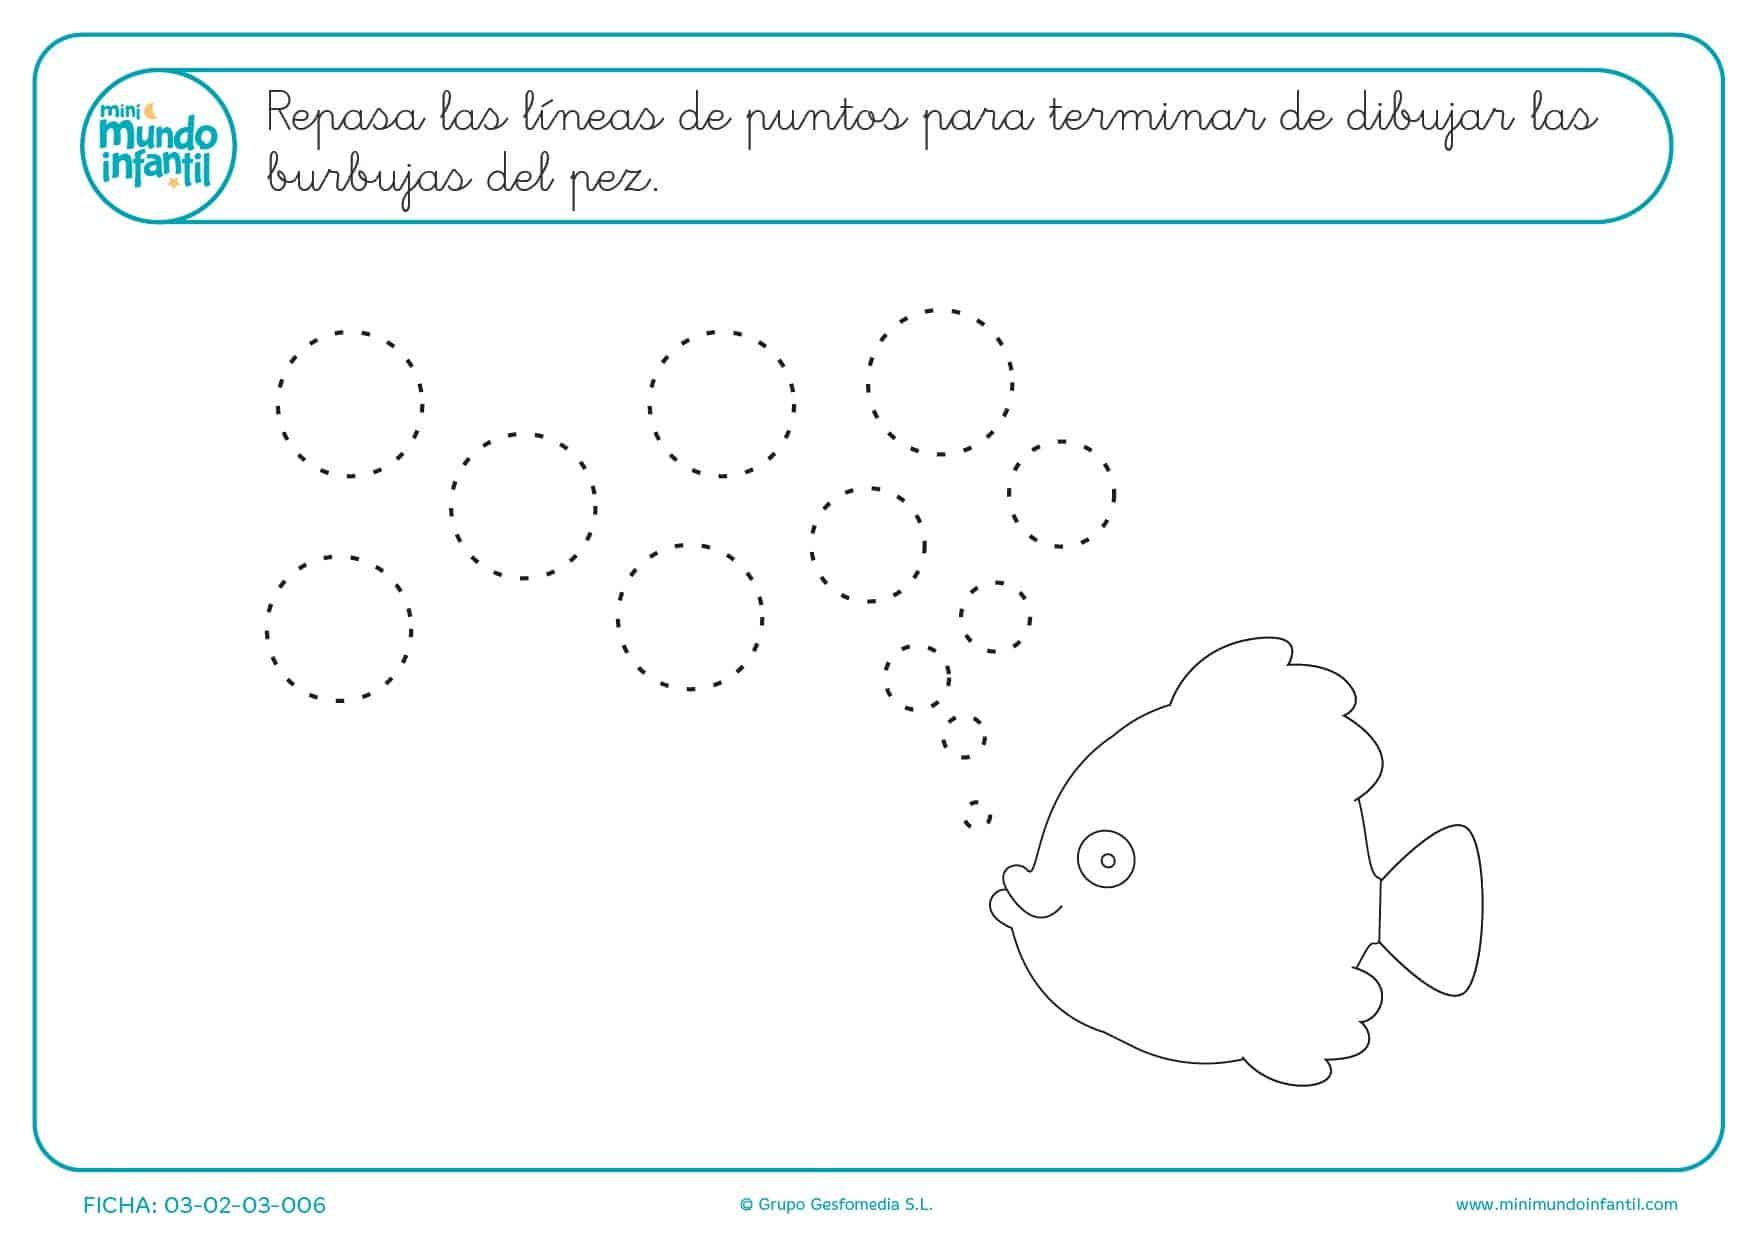 Continuar el trazado para completar las burbujas del pez